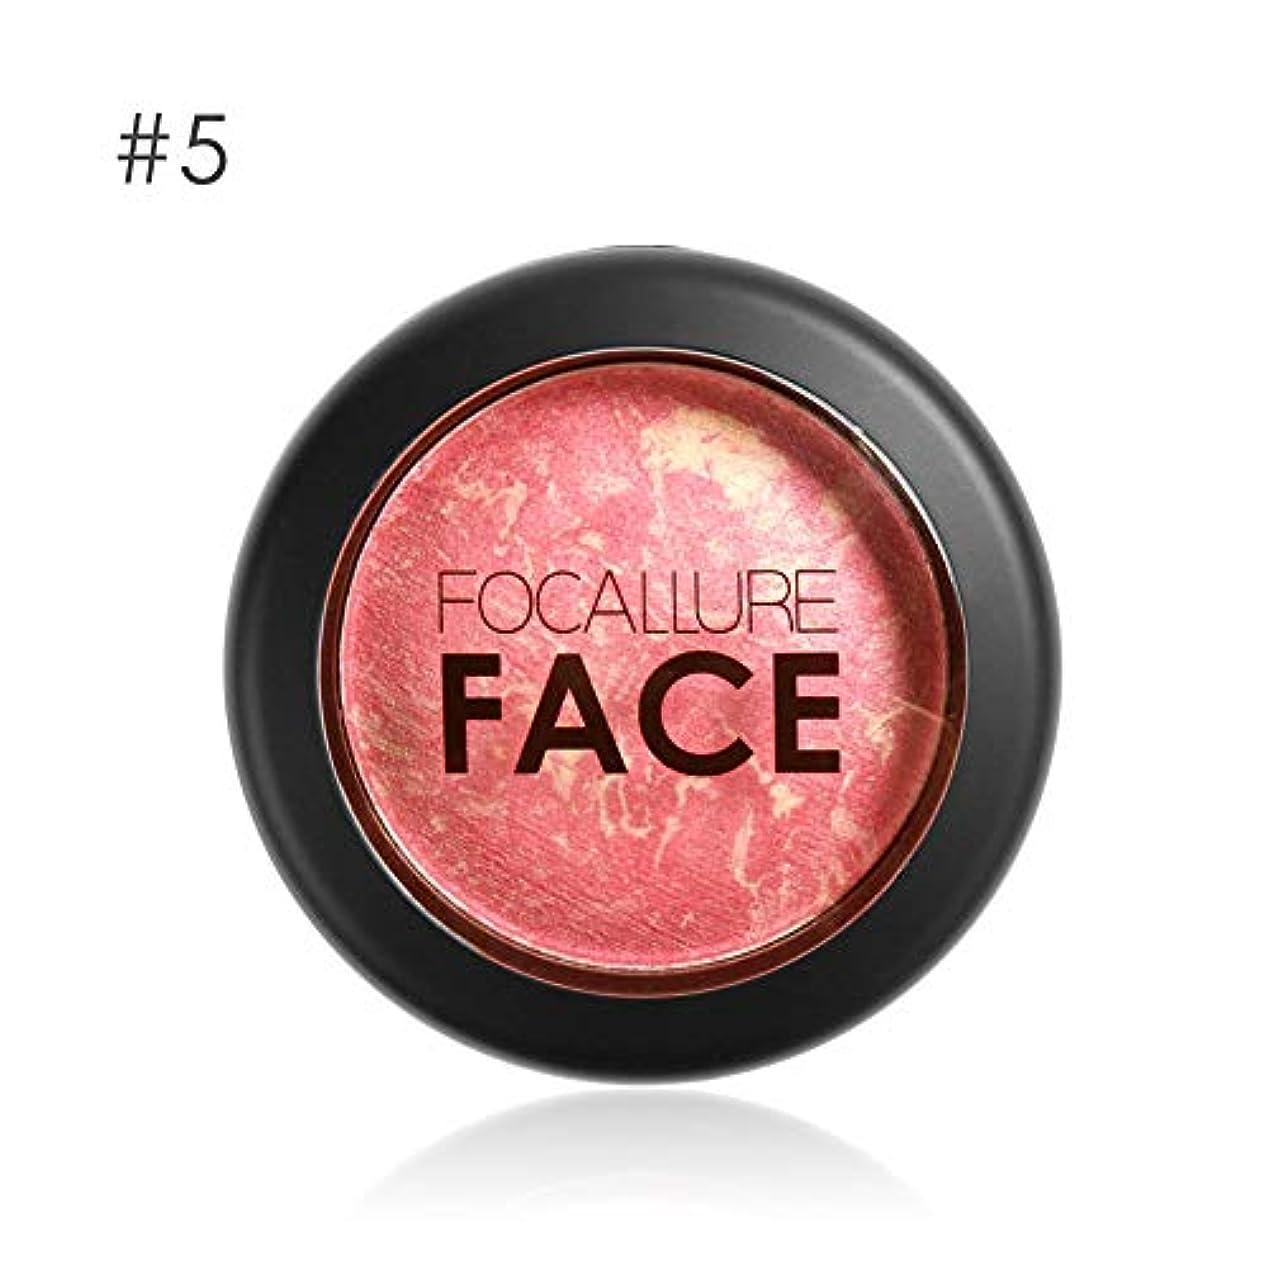 参照技術的なコースFocallure 6色プロフェッショナル頬焼き赤面フェイス輪郭頬紅メイク - 5#